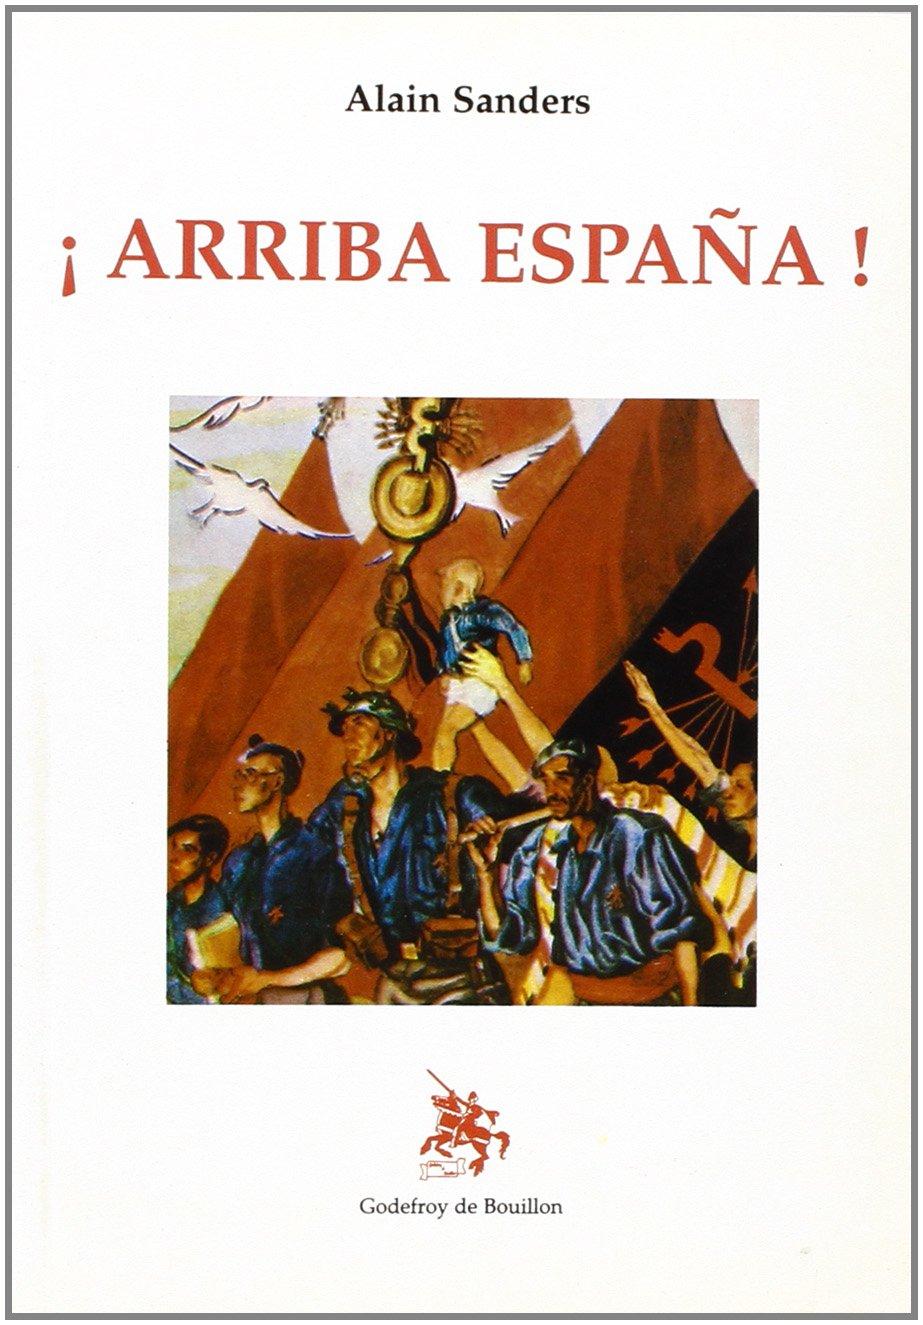 E Arriba España!: Amazon.es: Alain Sanders: Libros en idiomas ...